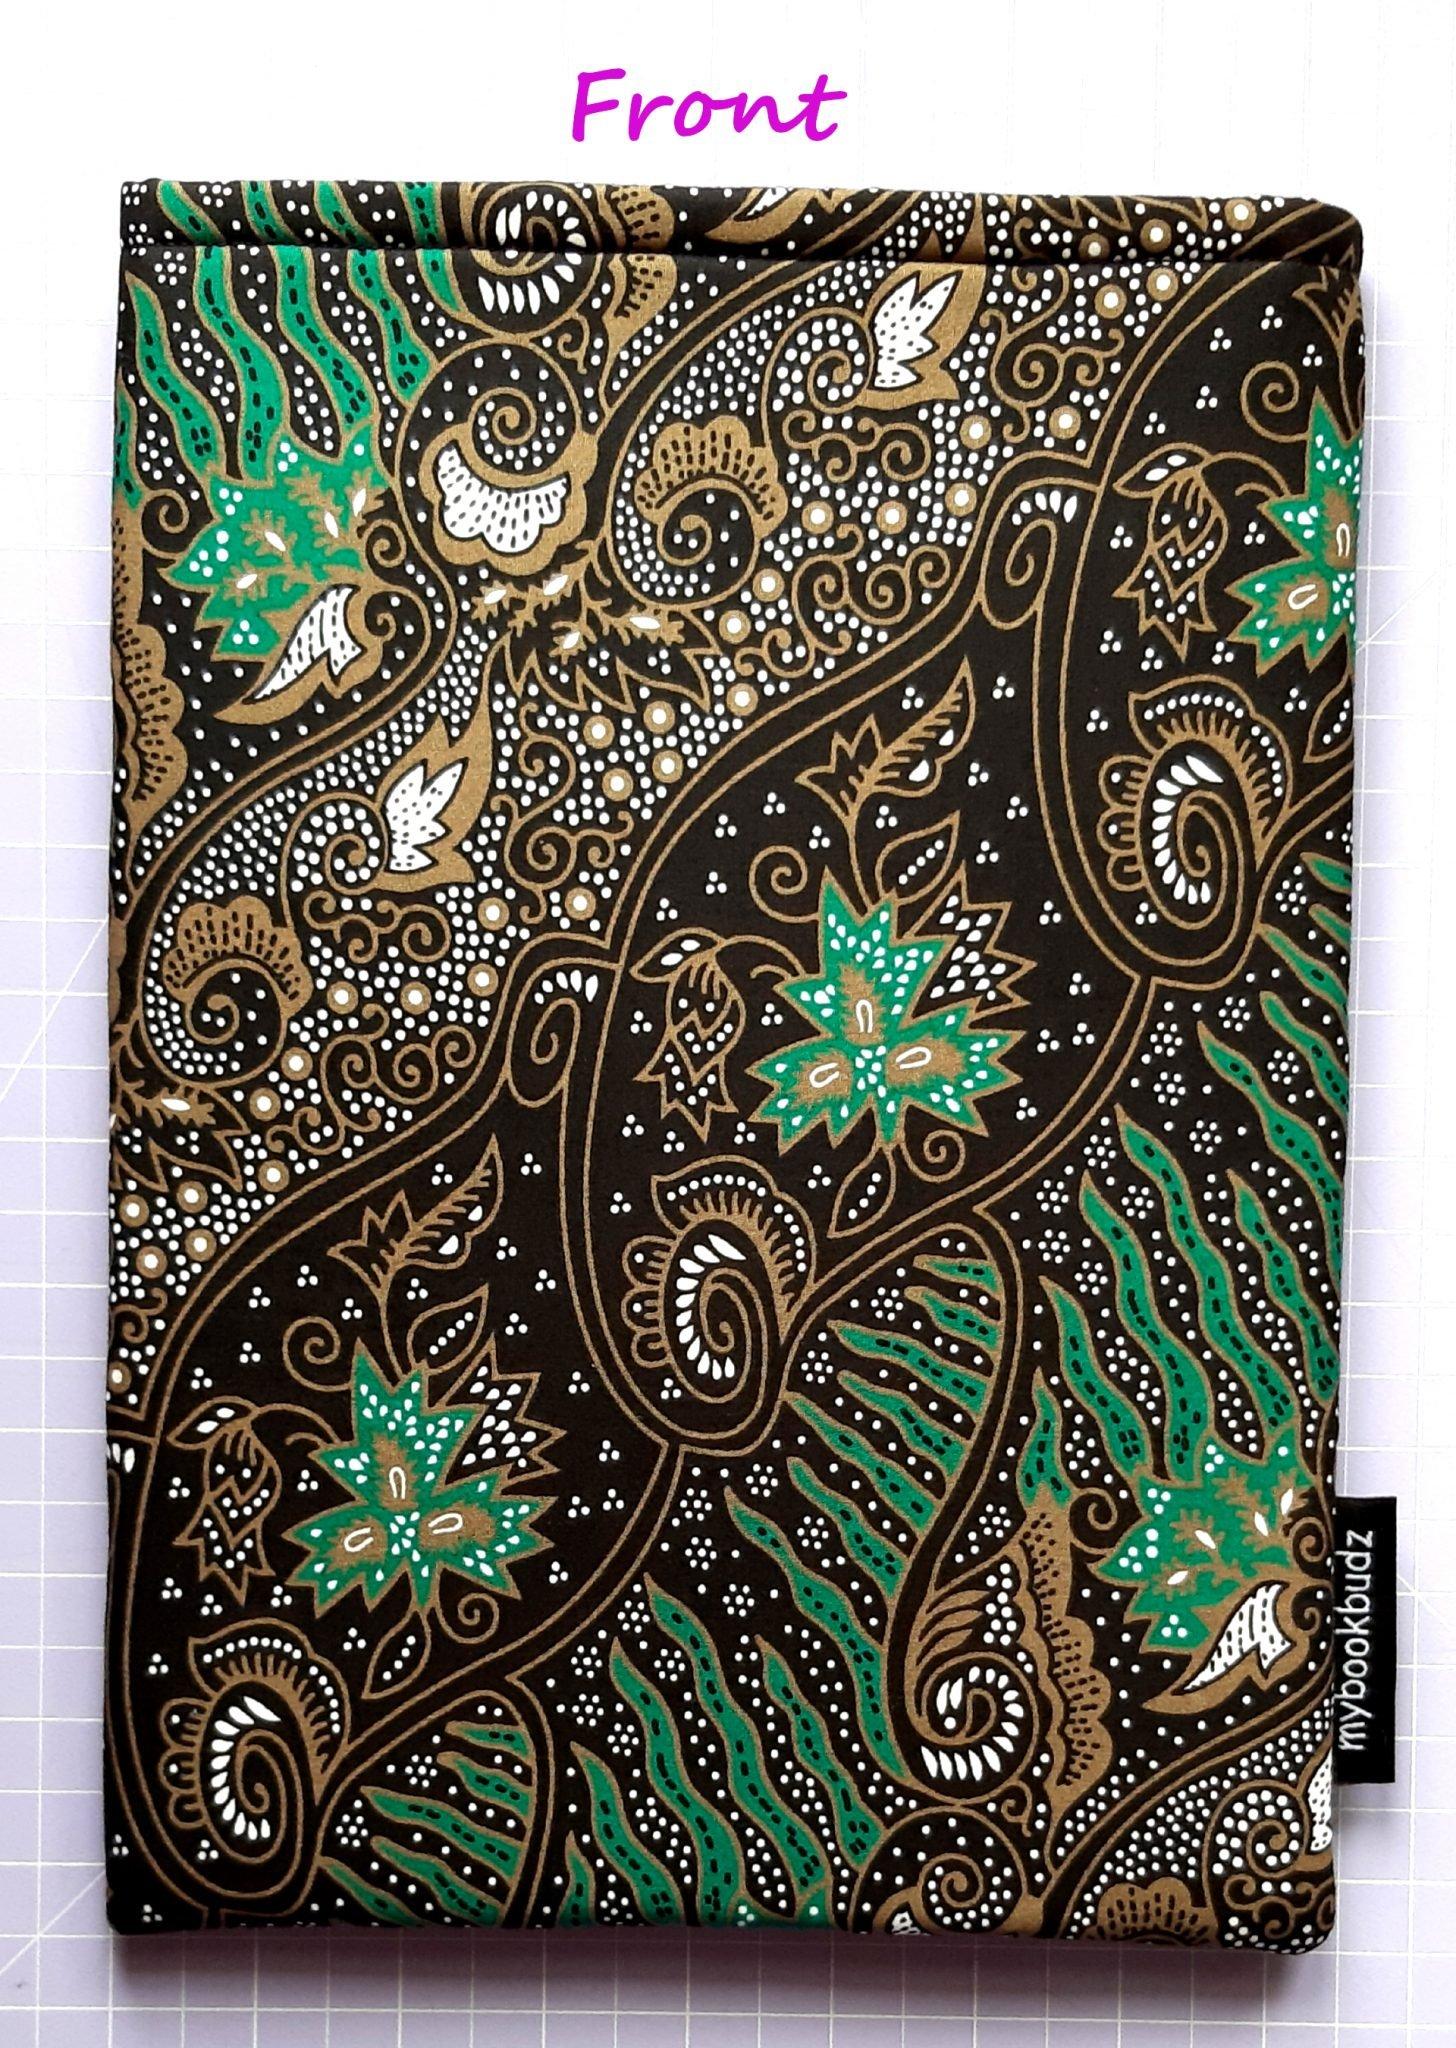 Green & Gold Batik – Front